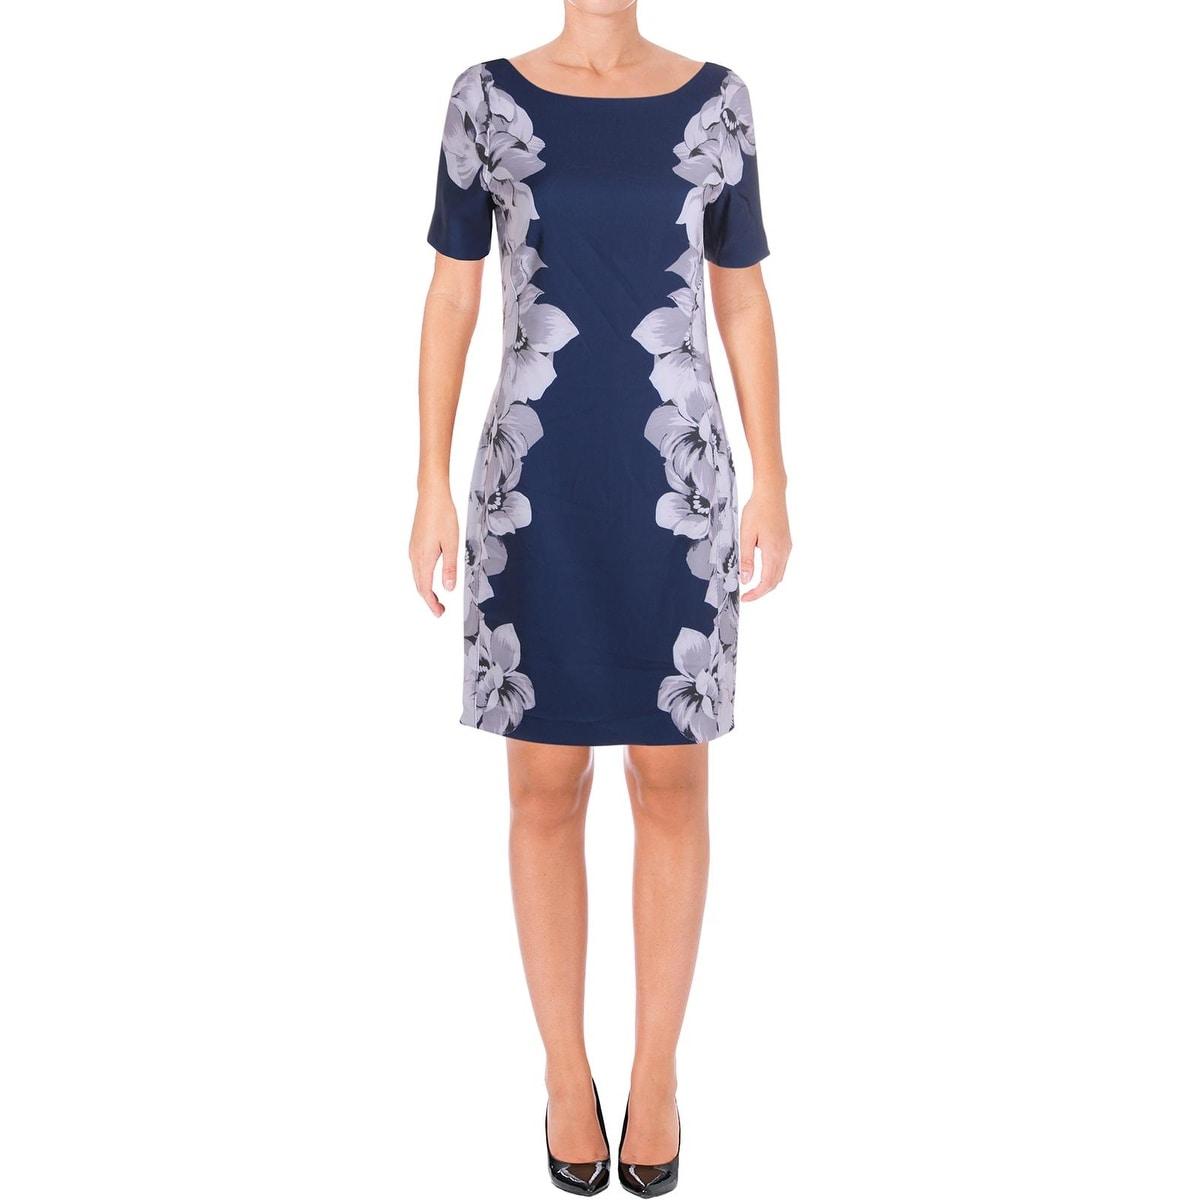 a838e968e9c Special Occasion Dresses At Dillards